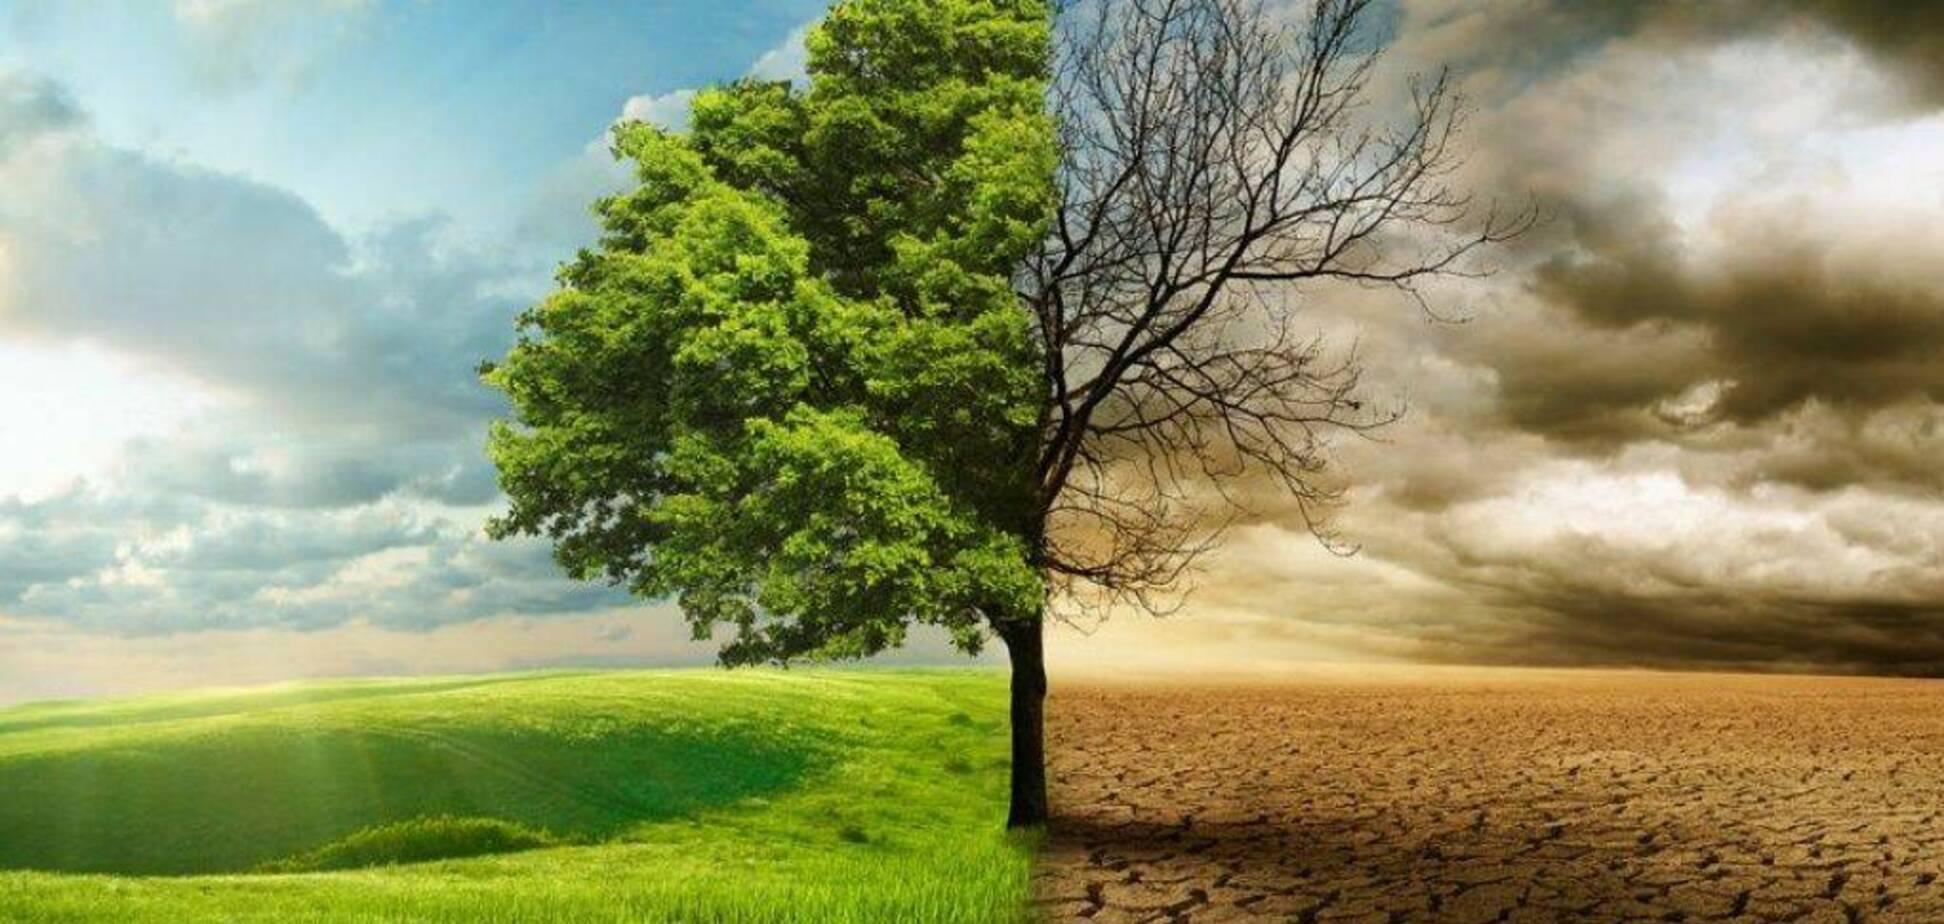 Синоптик рассказала об изменении климата в Украине. Источник: Фото: gospelcenteredwoman.com